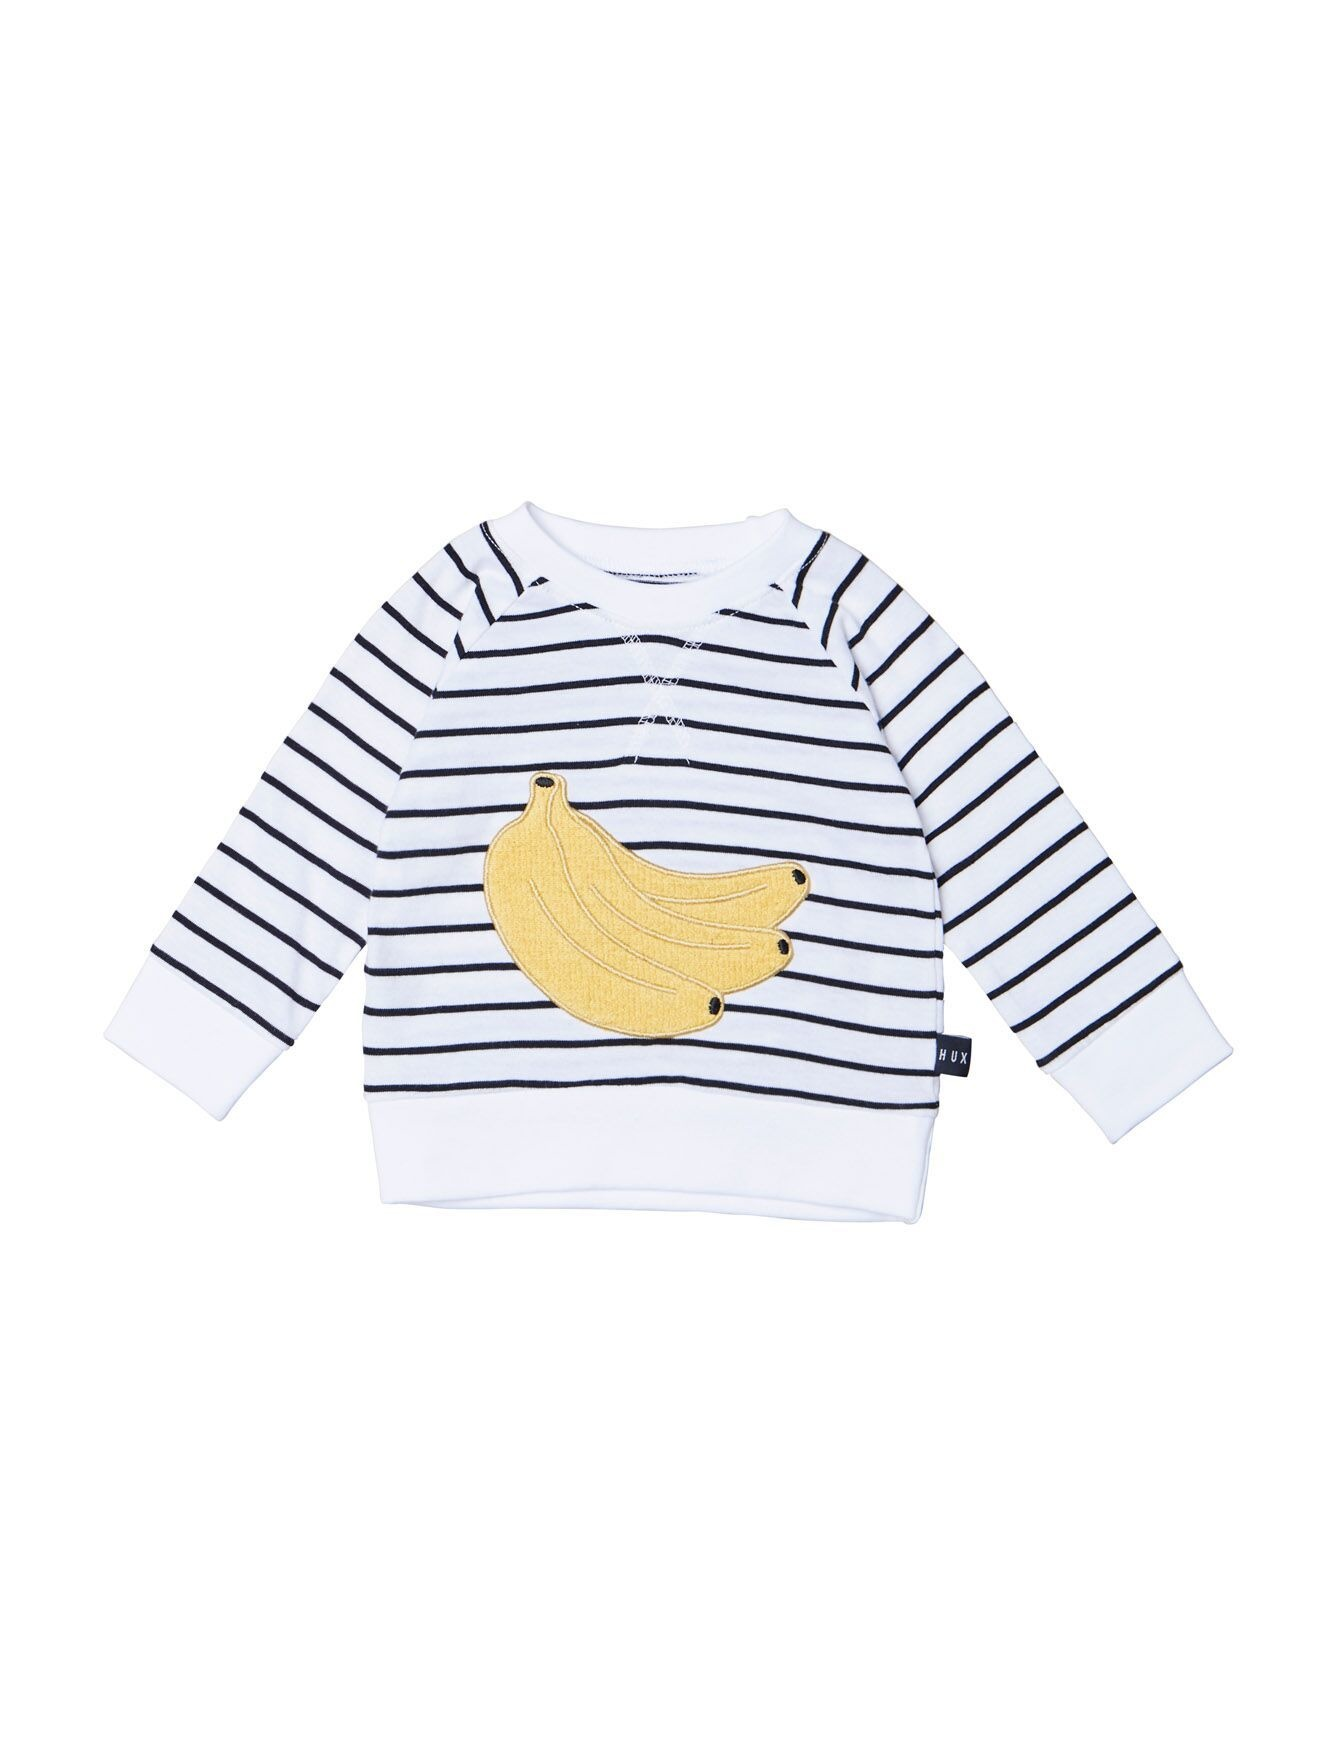 HUX BABY Banana Stripe Sweatshirt